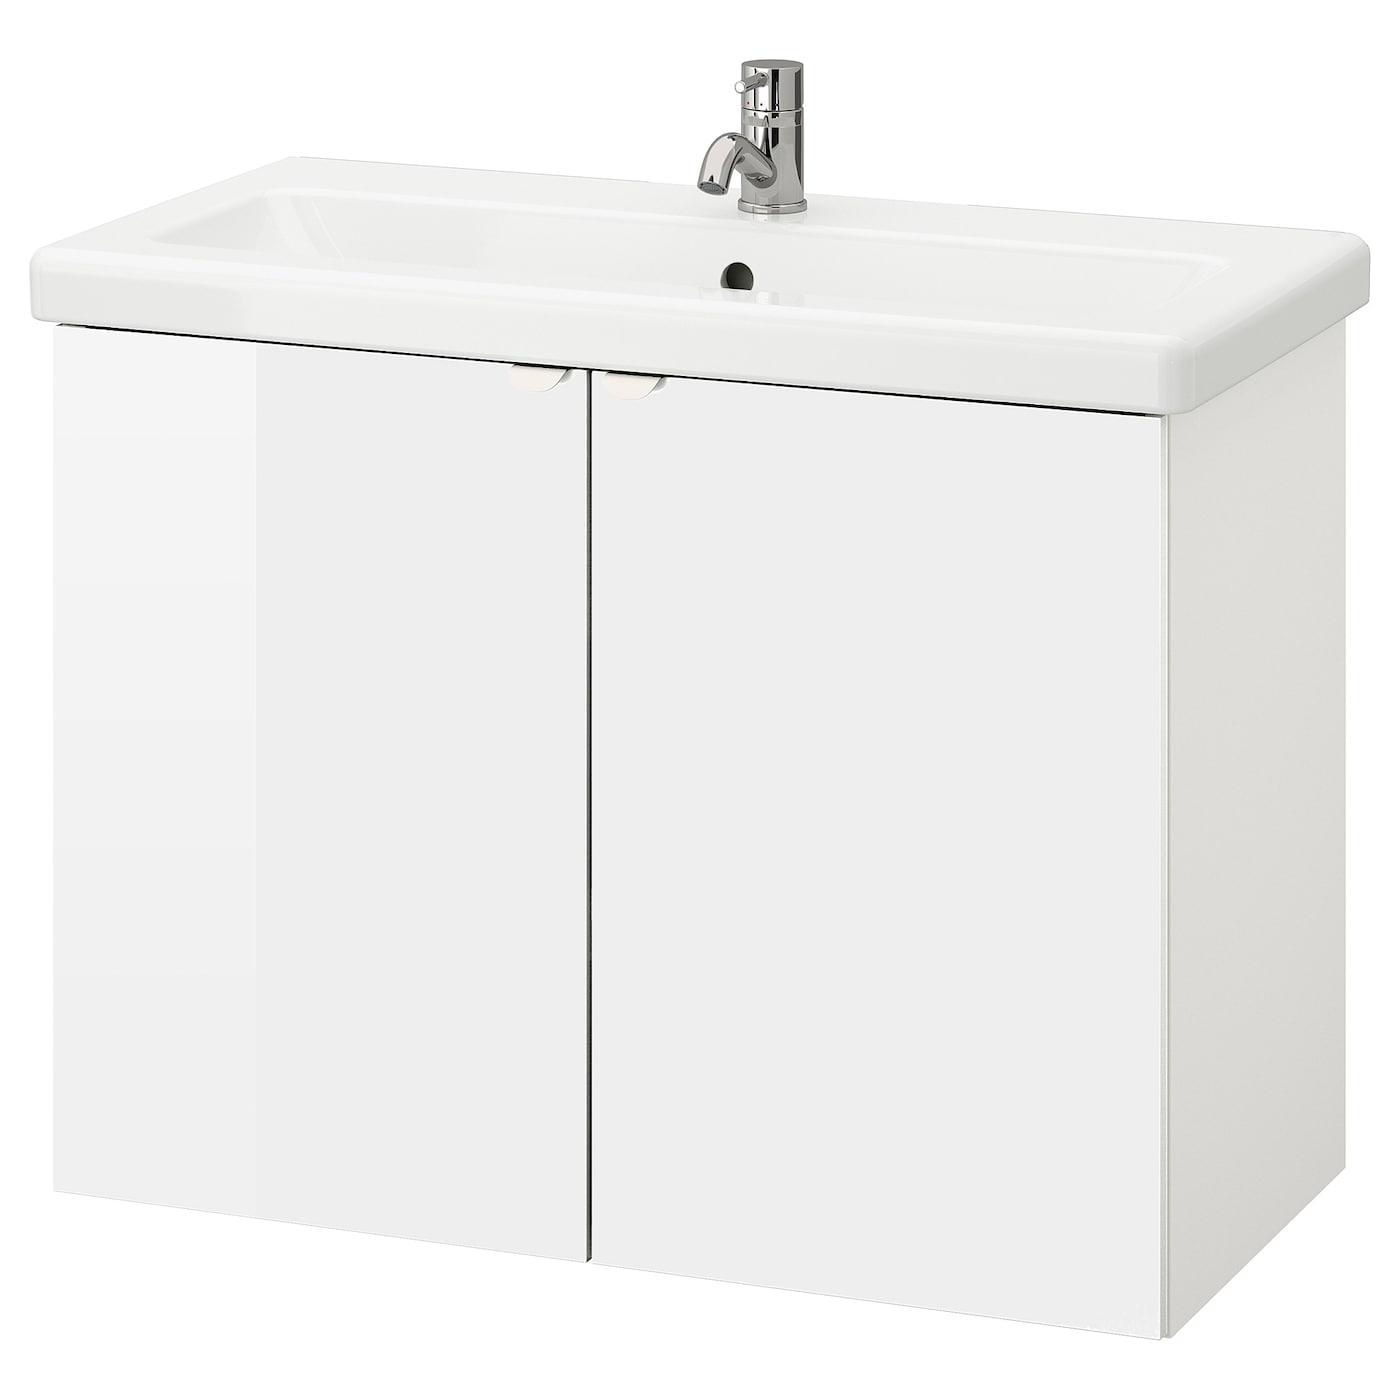 ENHET / TVÄLLEN Waschkommode, 2 Türen